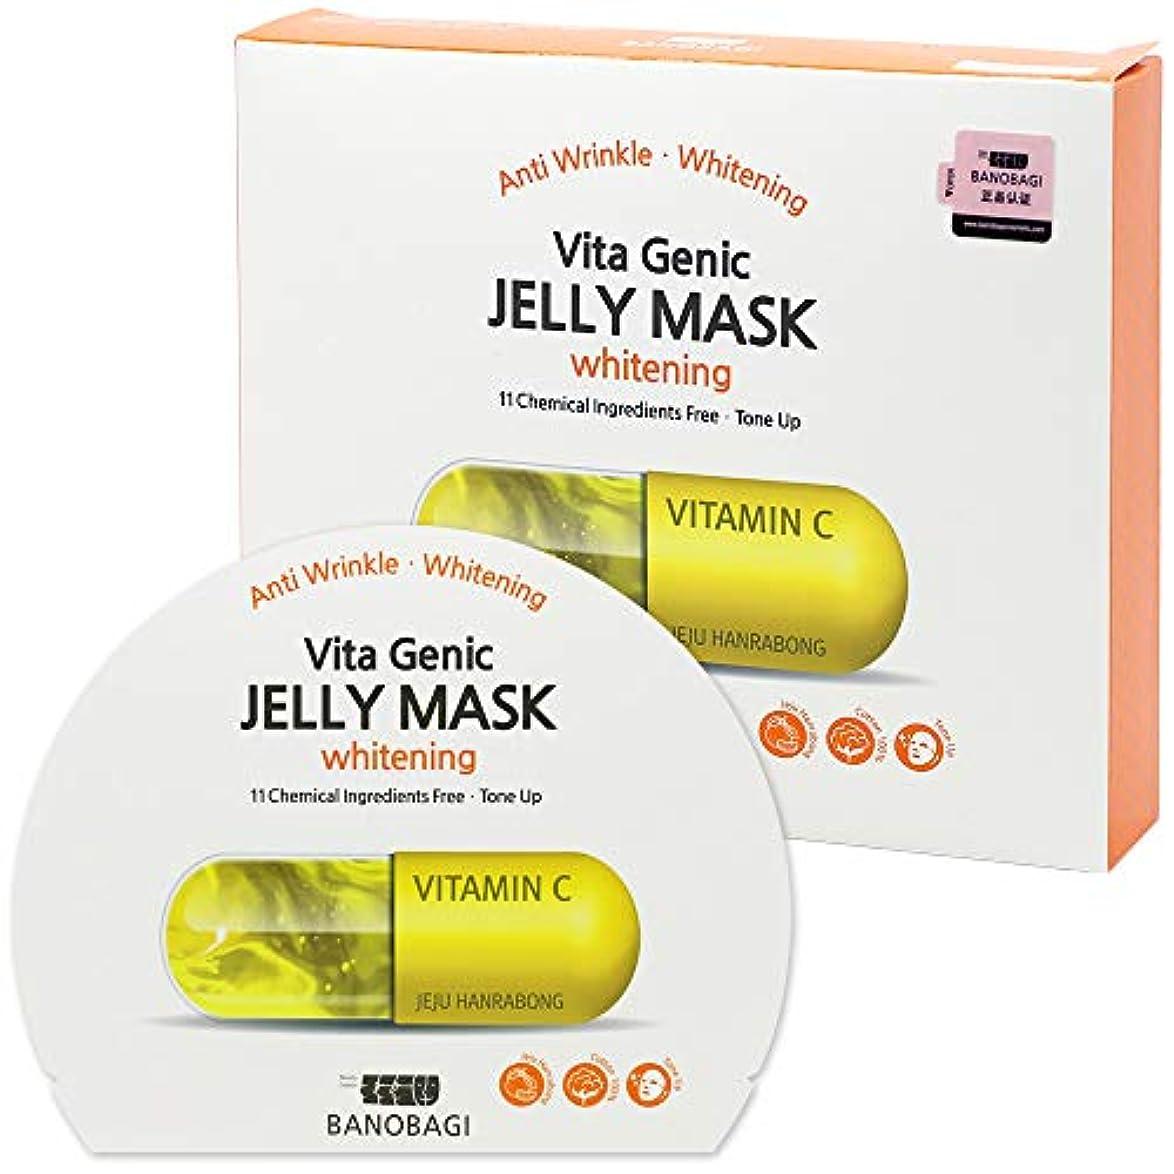 おしゃれじゃないにはまって居心地の良いバナバギ[BANOBAGI] ヴィータジェニックゼリーマスク★ホワイトニング(黄色)30mlx10P / Vita Genic Jelly Mask (Whitening-Yellow)